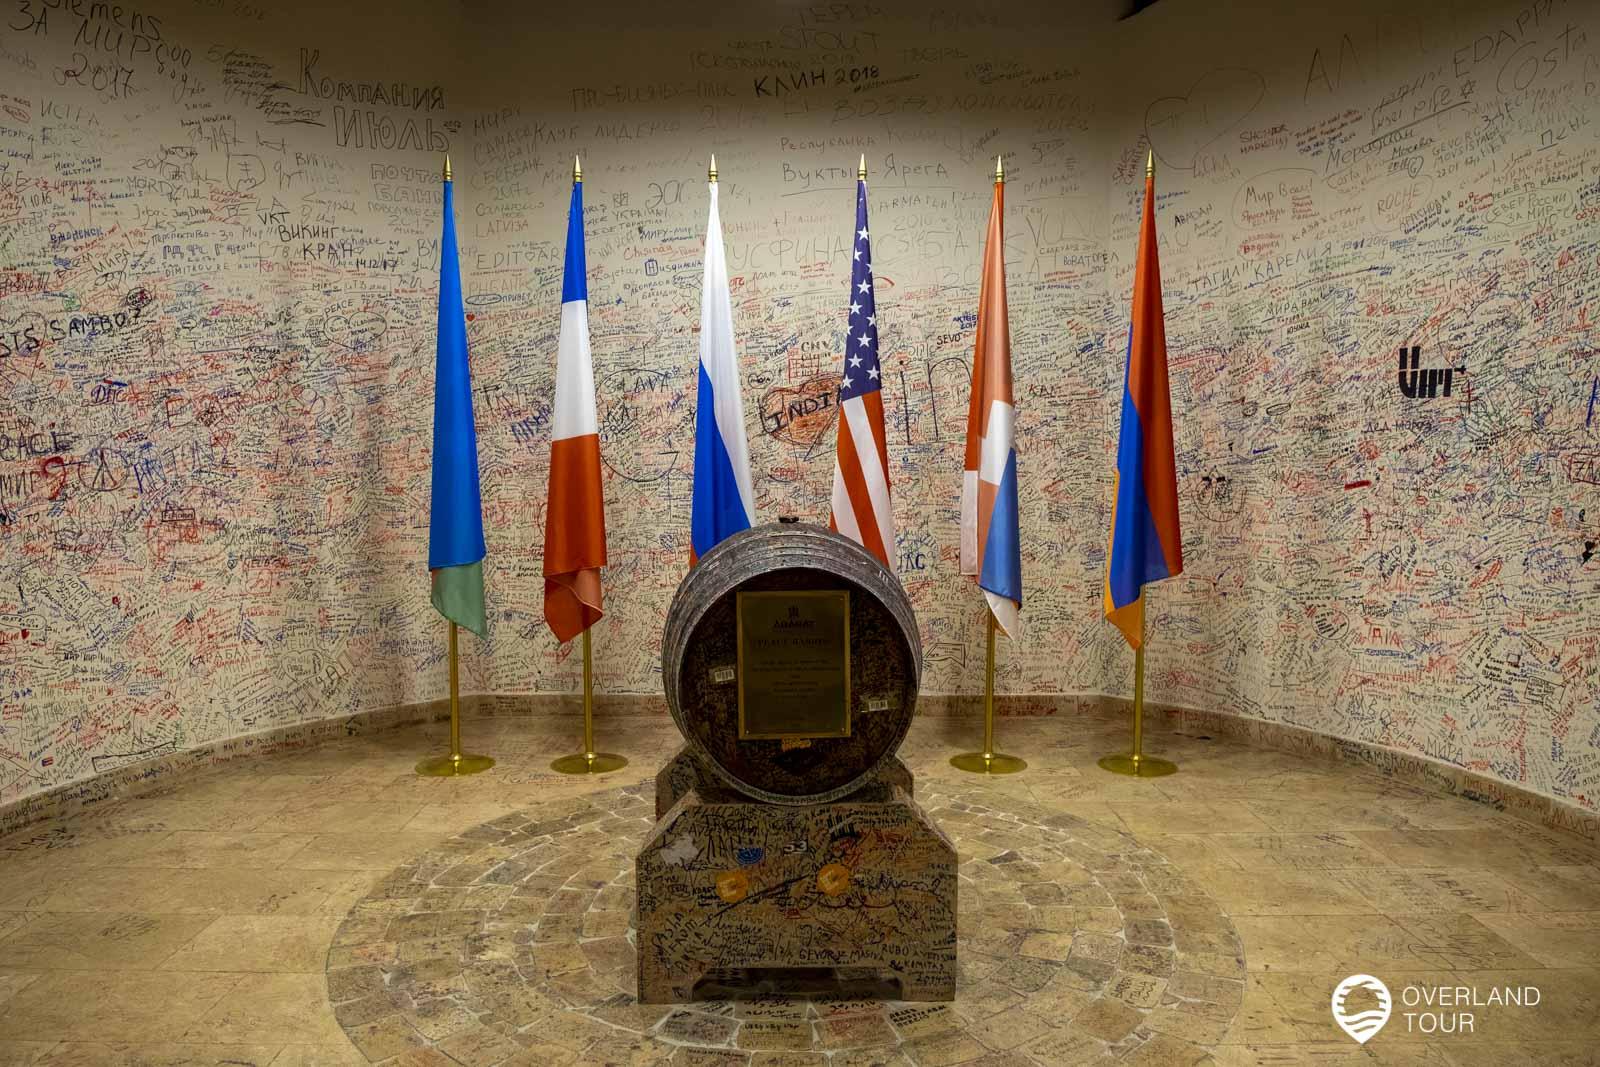 The Peace Barrel Coner - Der einzige Ort in Armenien, an dem die aserbaidschanische Flagge steht